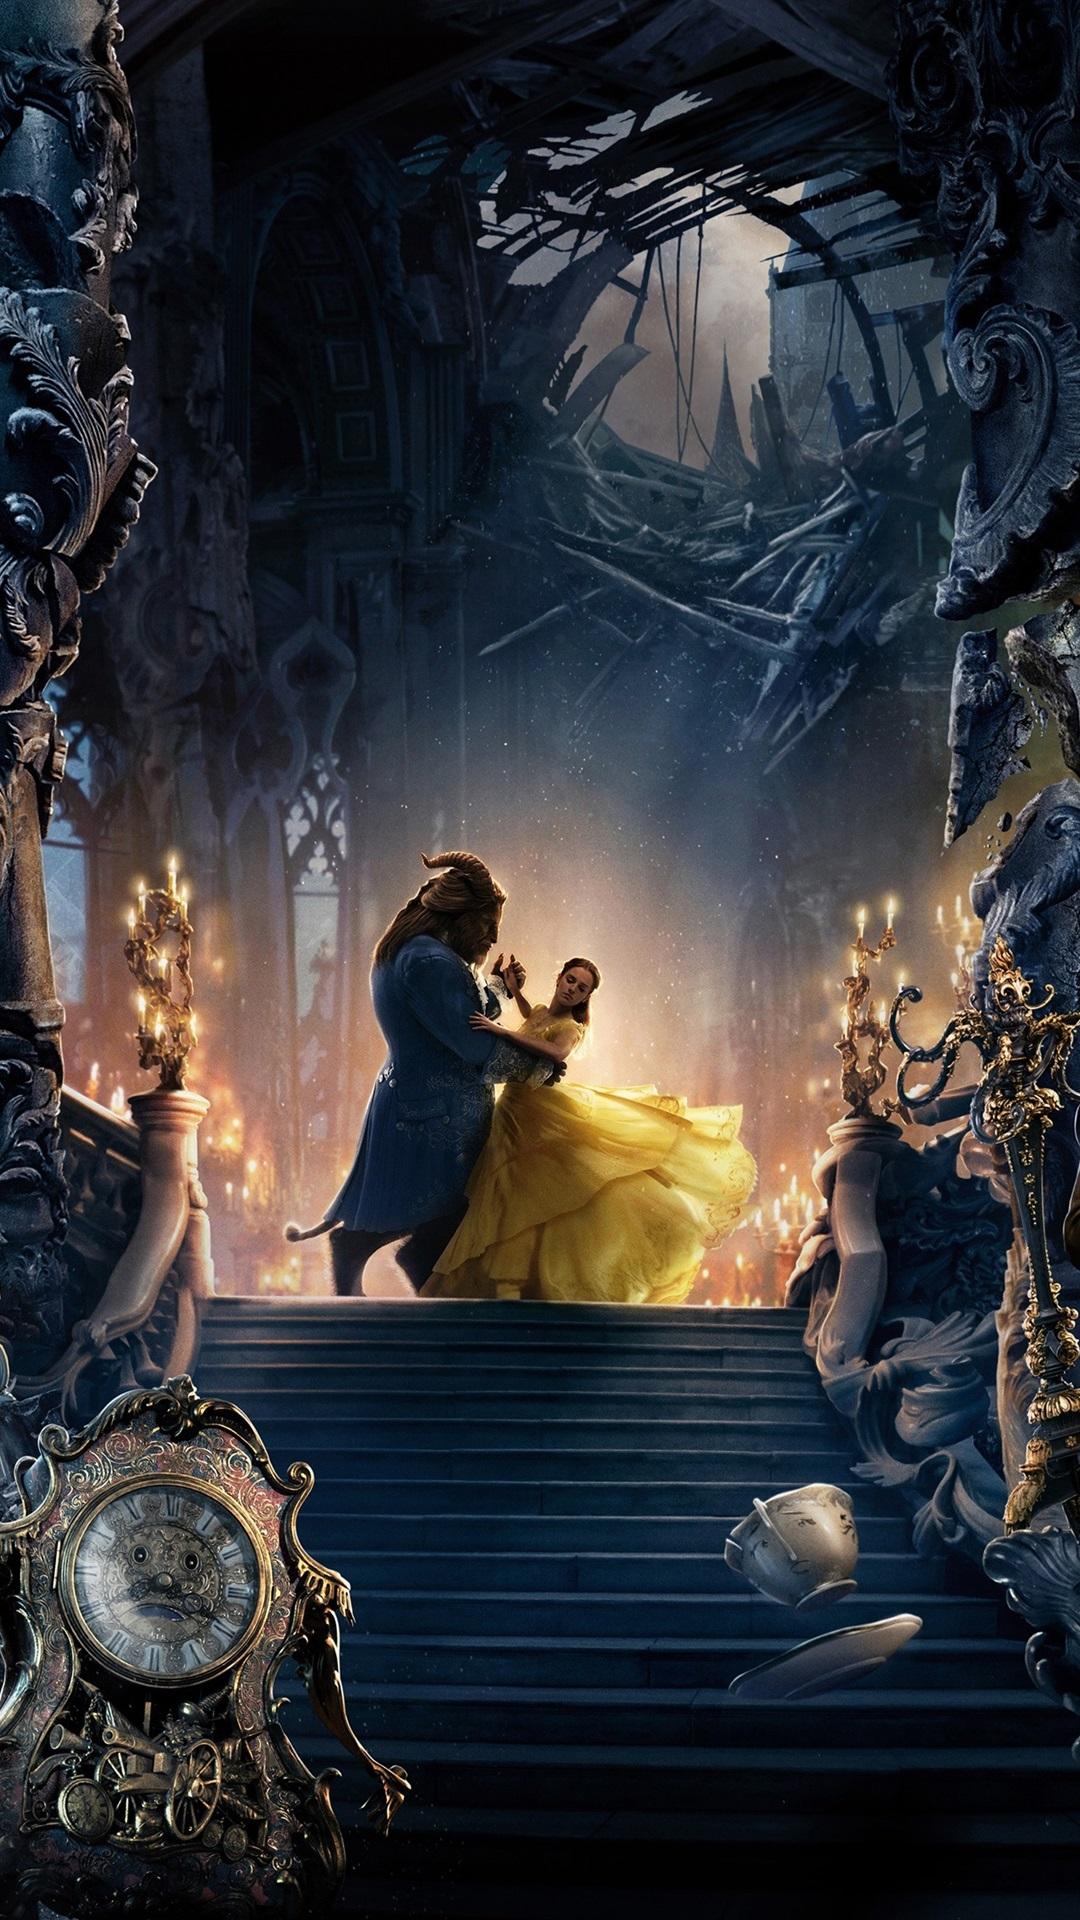 Fonds Décran La Belle Et La Bête Disney Film 2017